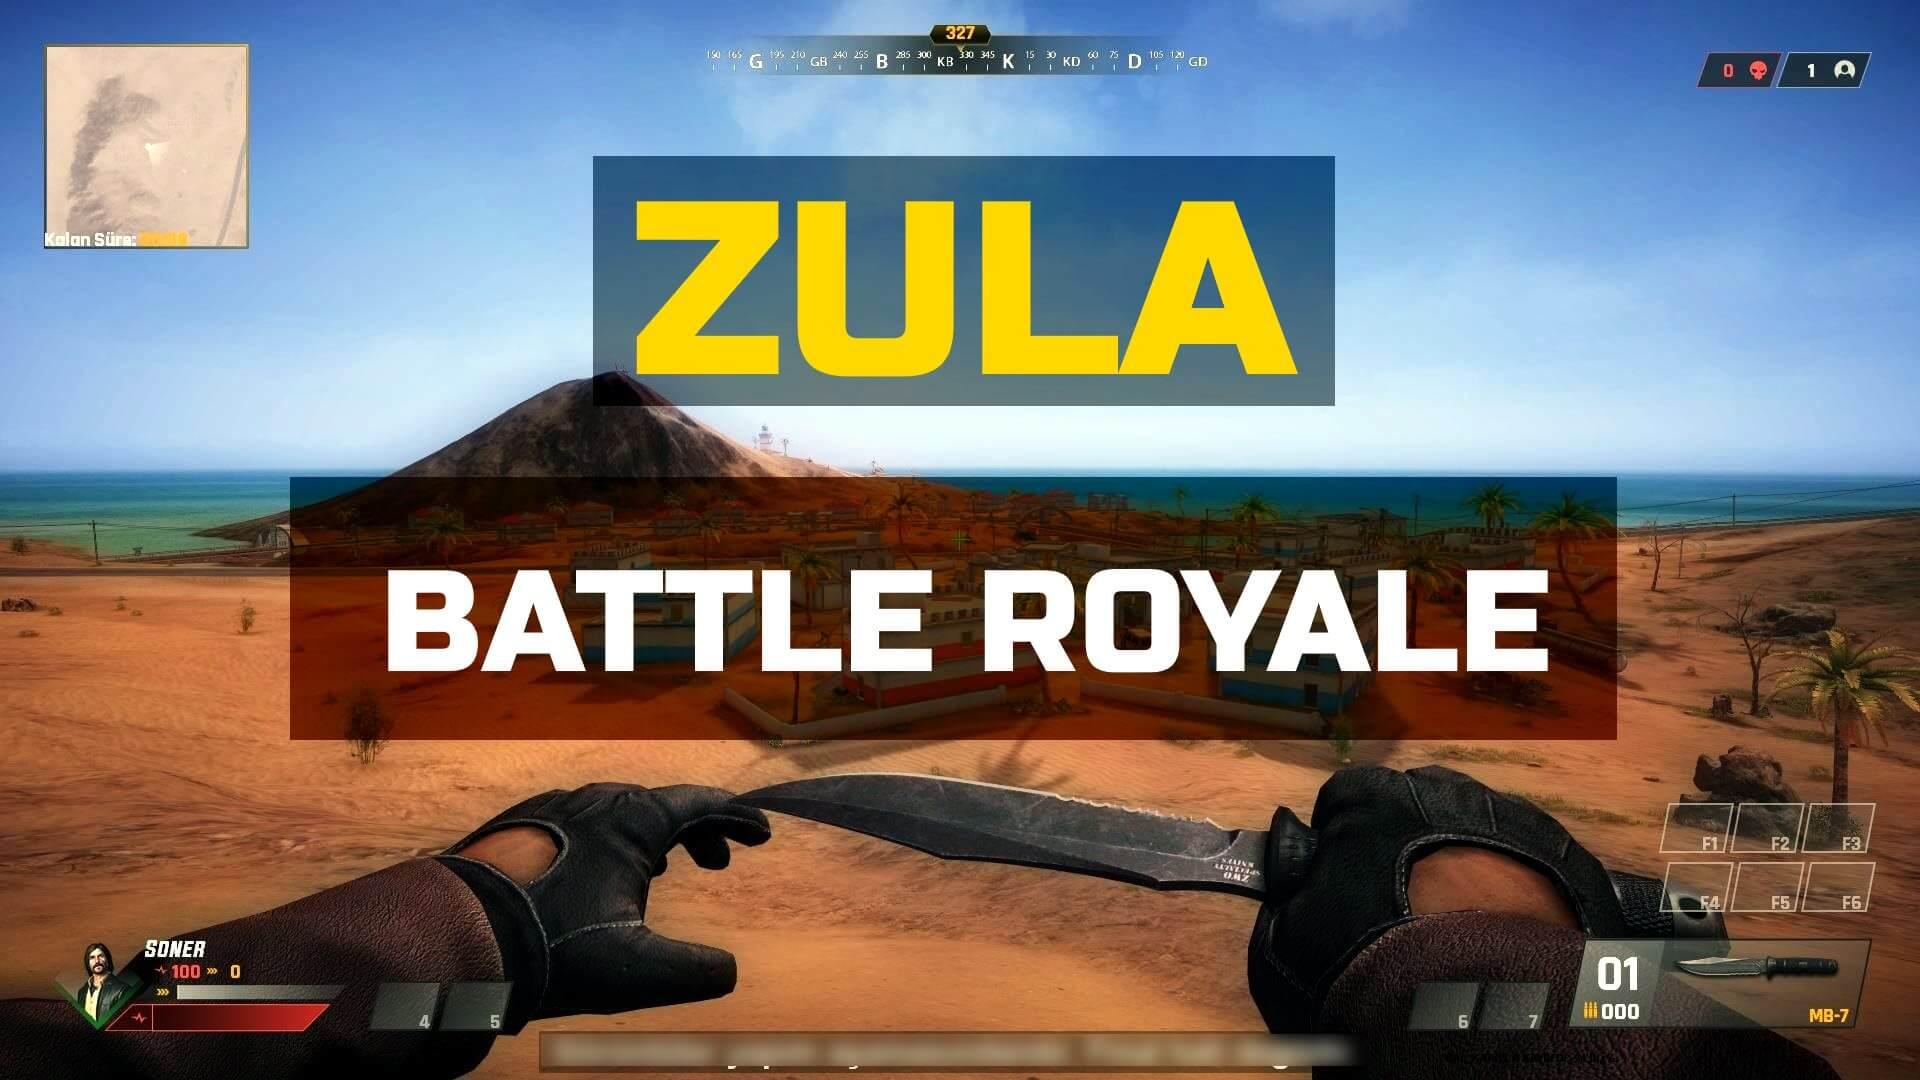 PUBG'ye Yerli Rakip Oyun: Zula Battle Royale! 1